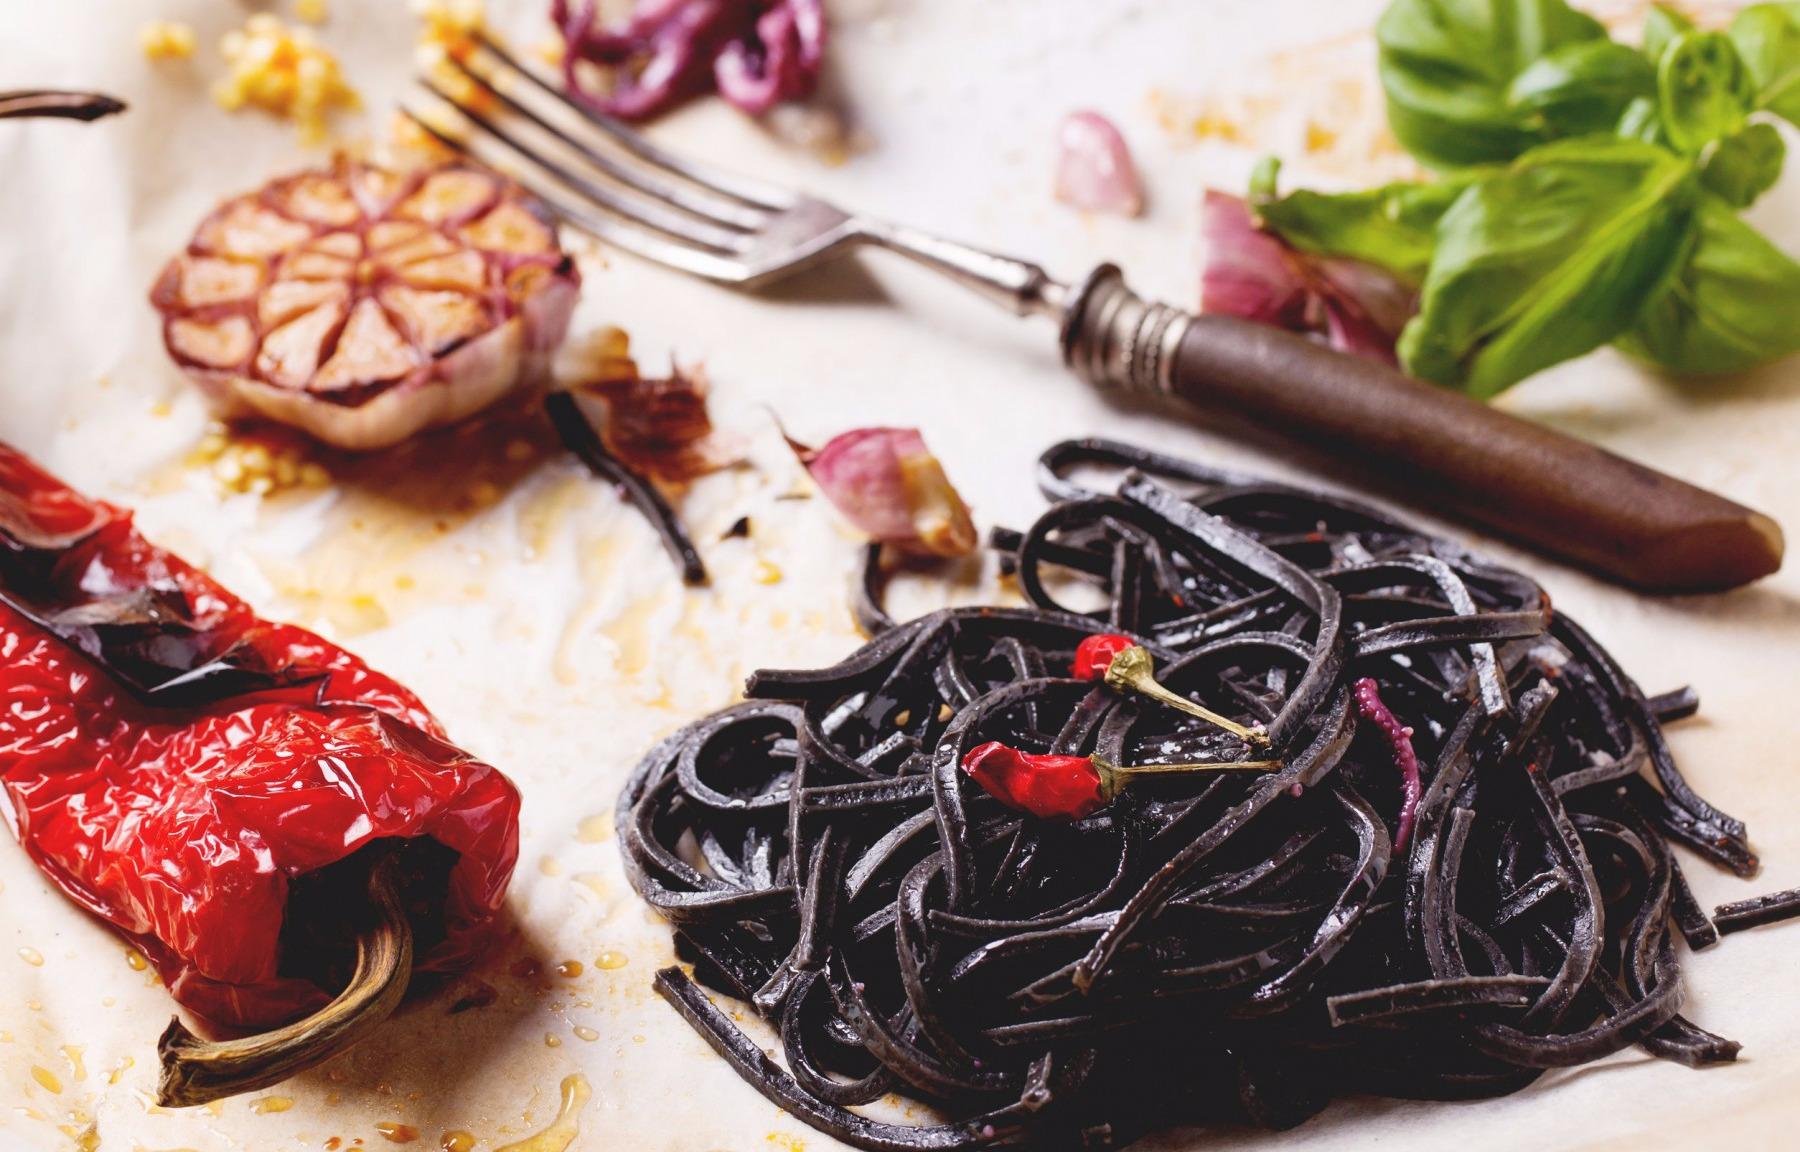 Каракатица и чернила каракатицы – что это, и как эти продукты можно использовать в кулинарии?